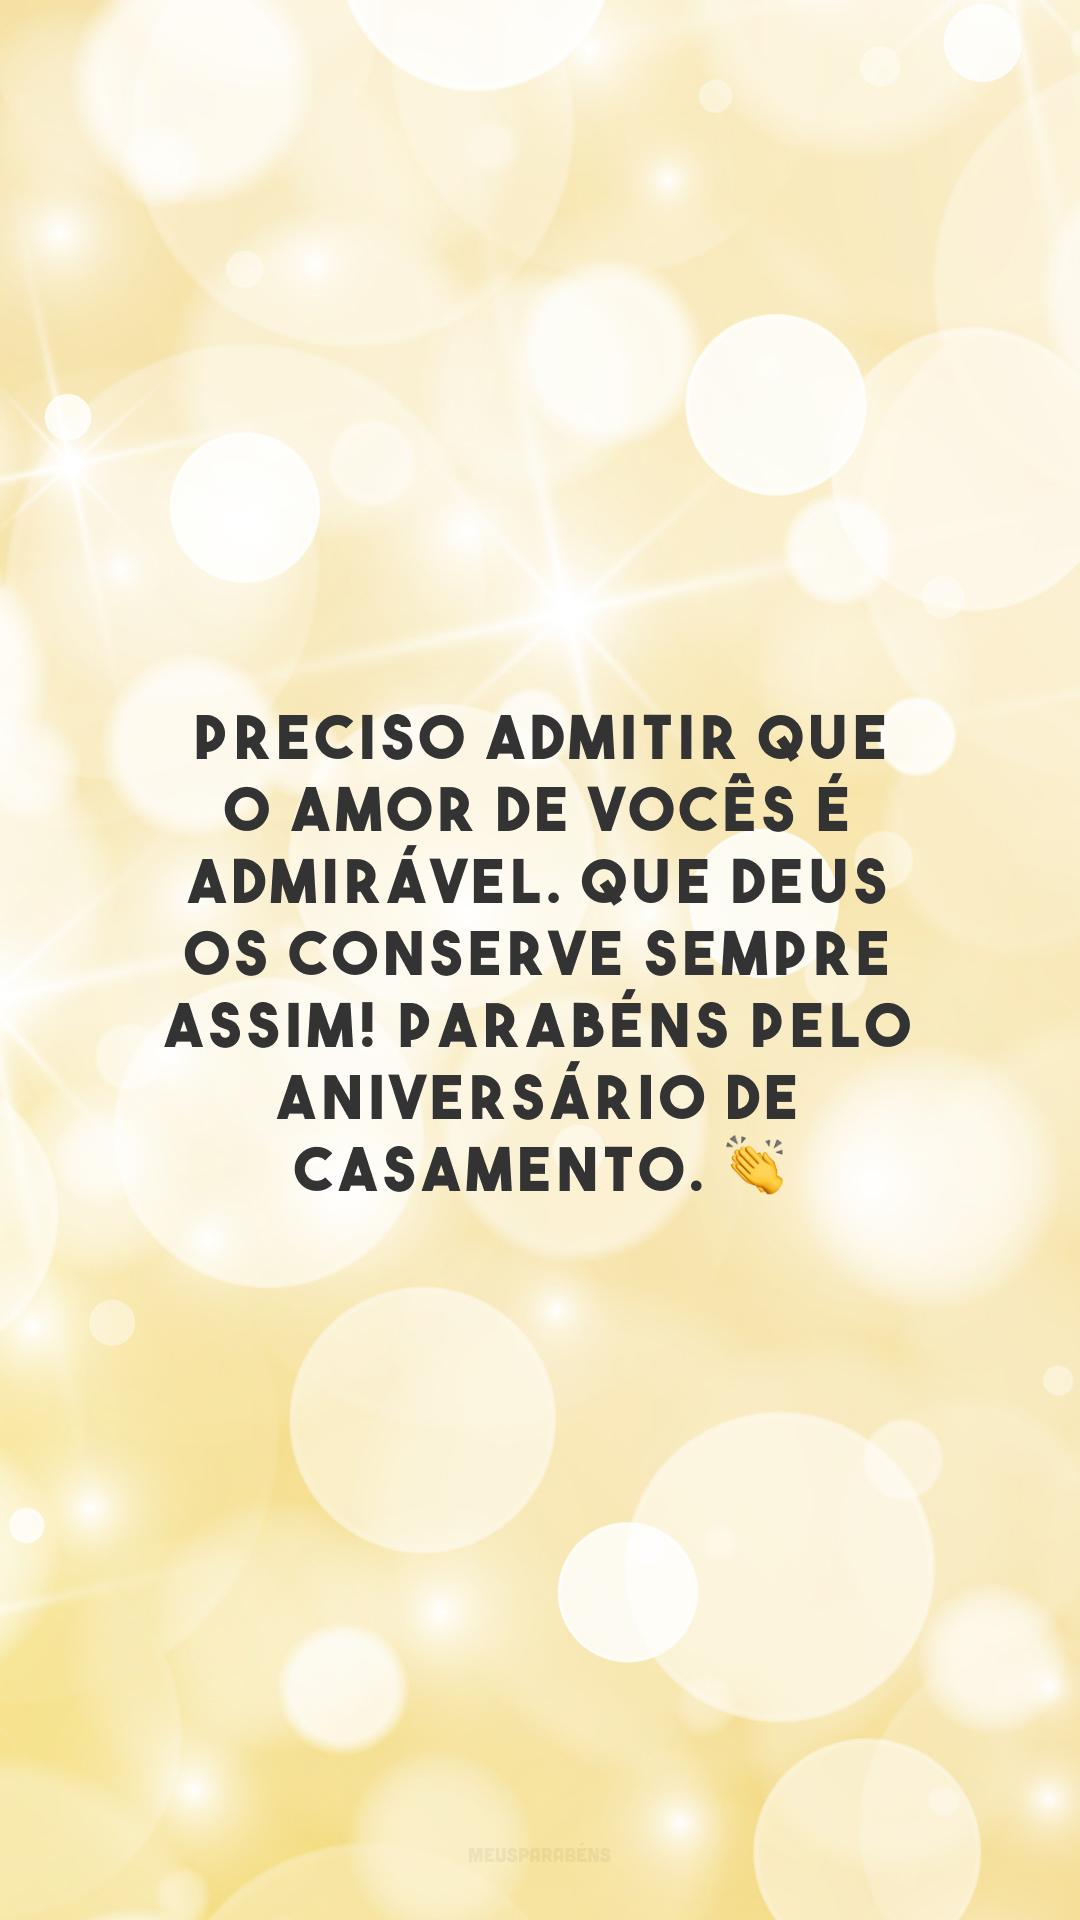 Preciso admitir que o amor de vocês é admirável. Que Deus os conserve sempre assim! Parabéns pelo aniversário de casamento. 👏